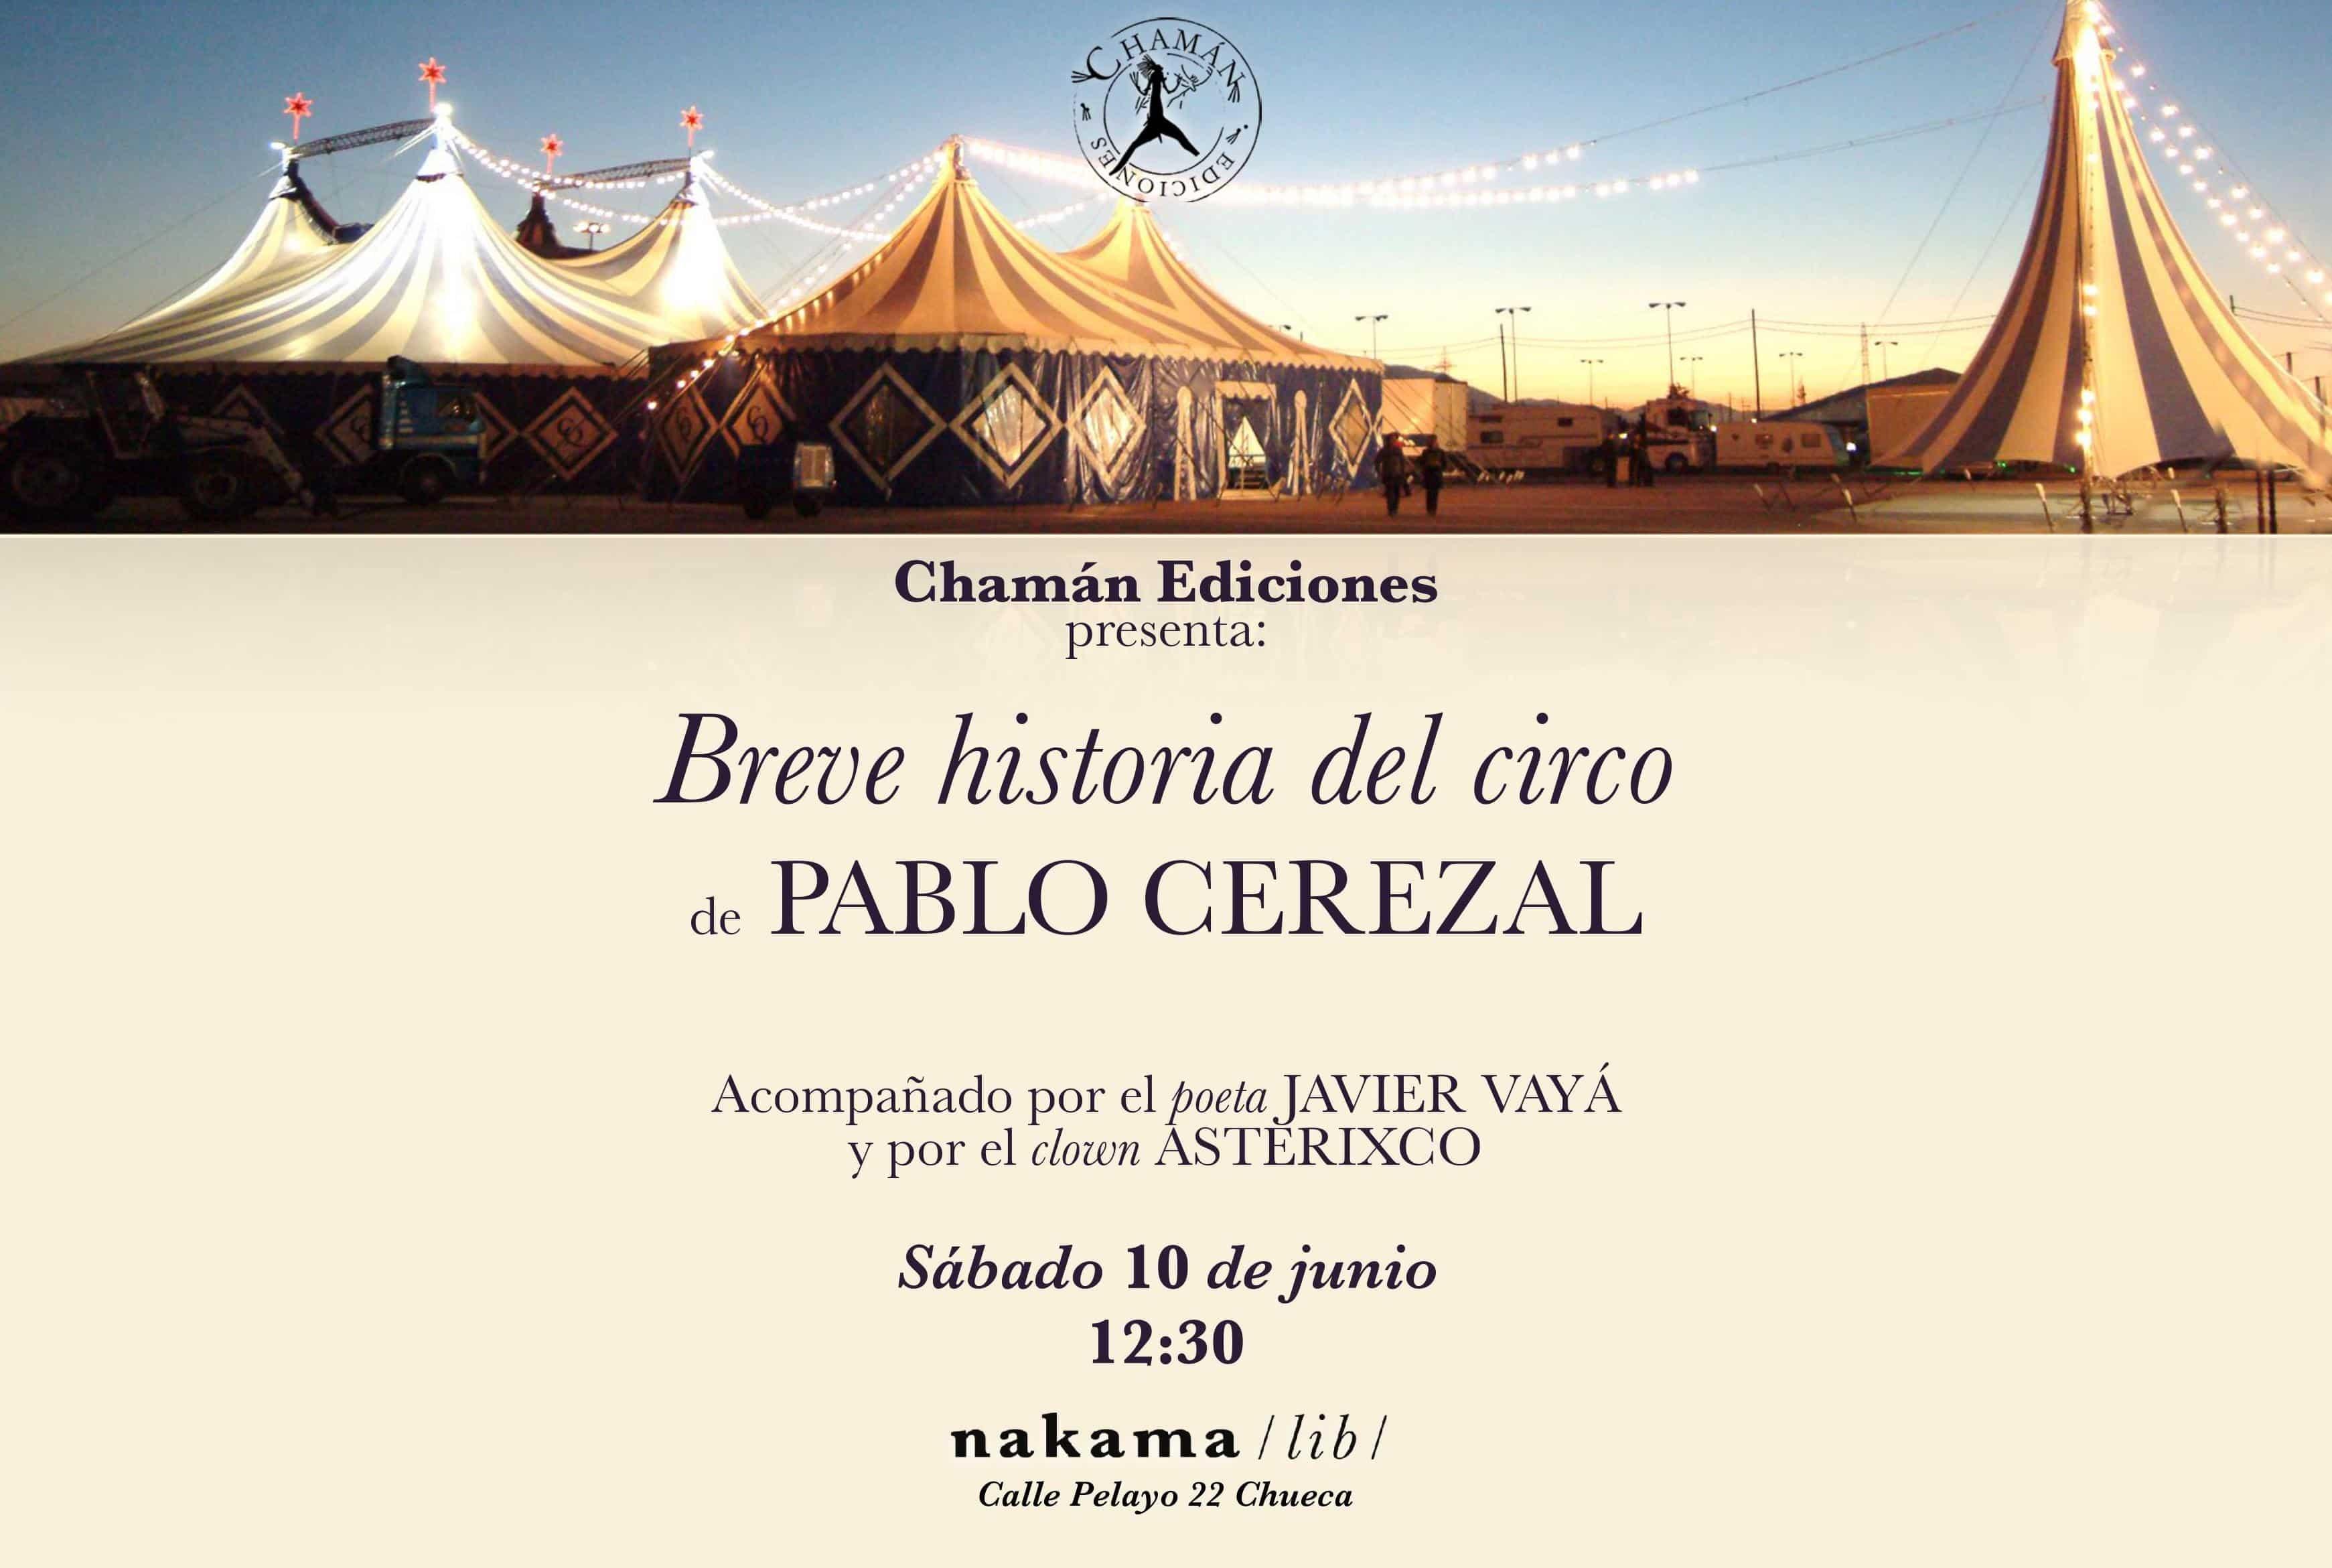 Invitación a la presentación del libro de Pablo Cerezal de Chamán Ediciones en nakama lib